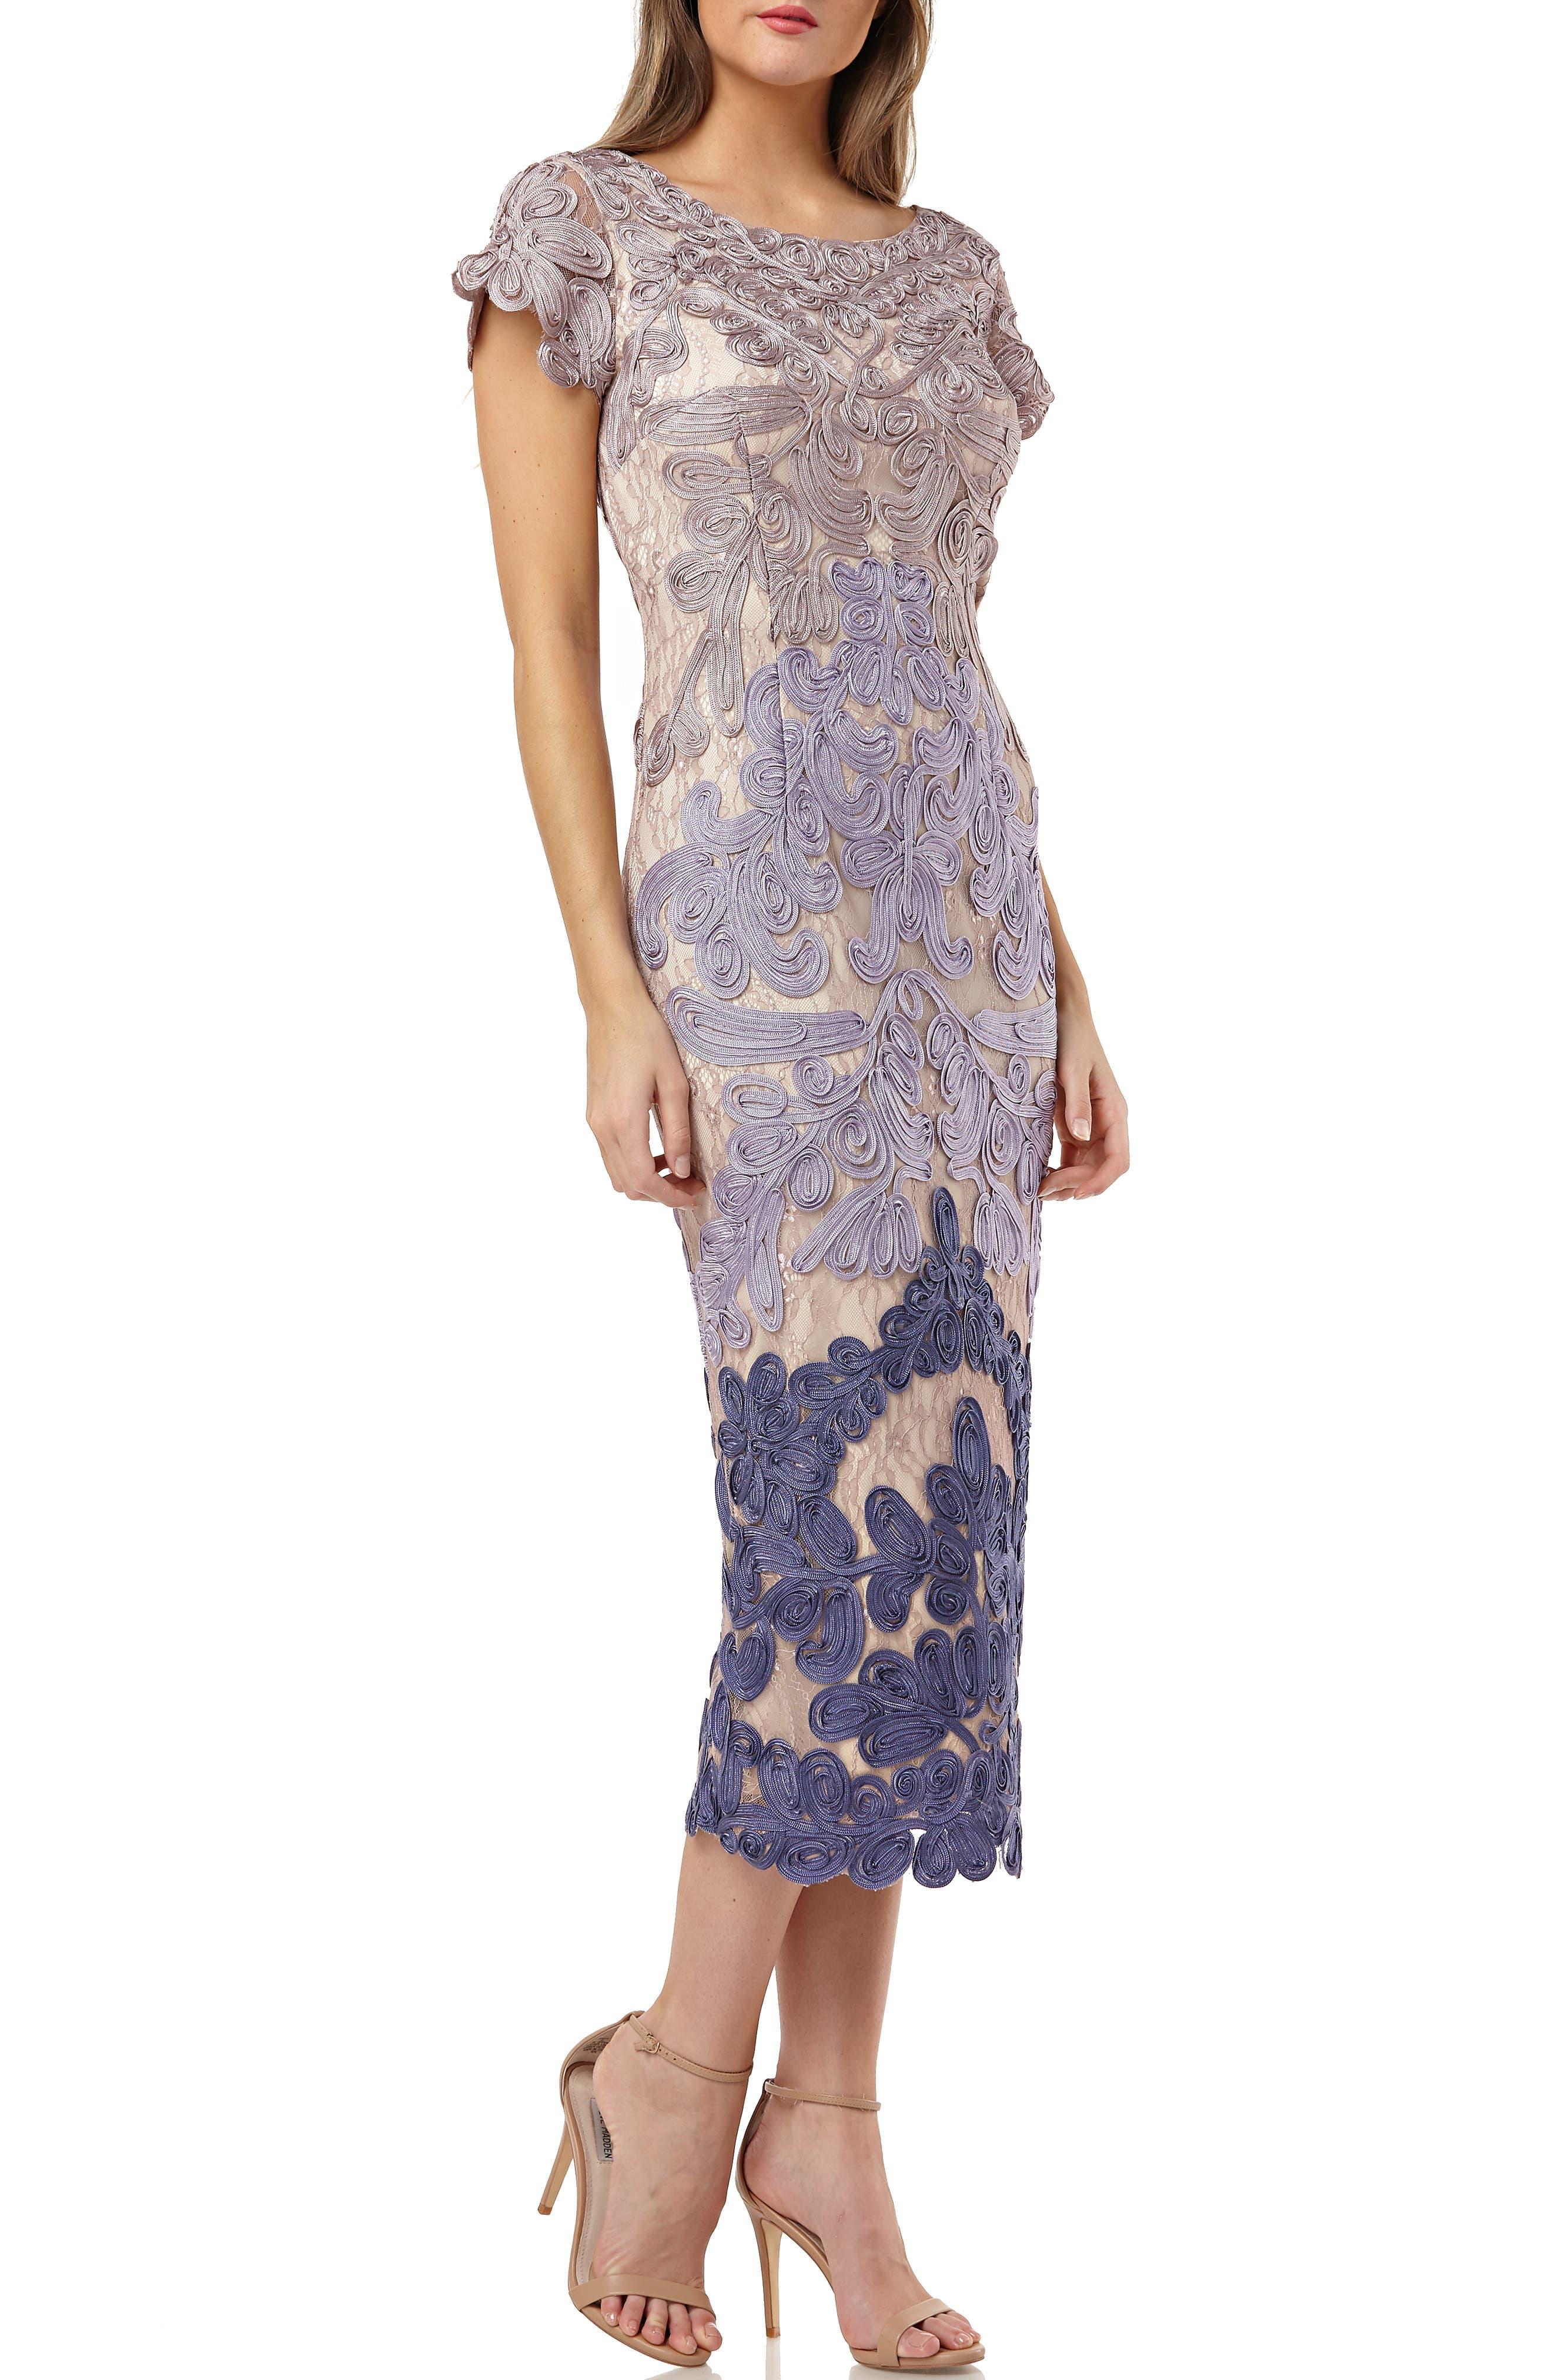 JS COLLECTIONS, Soutache Lace Midi Dress, Main thumbnail 1, color, TAUPE/ PLUM